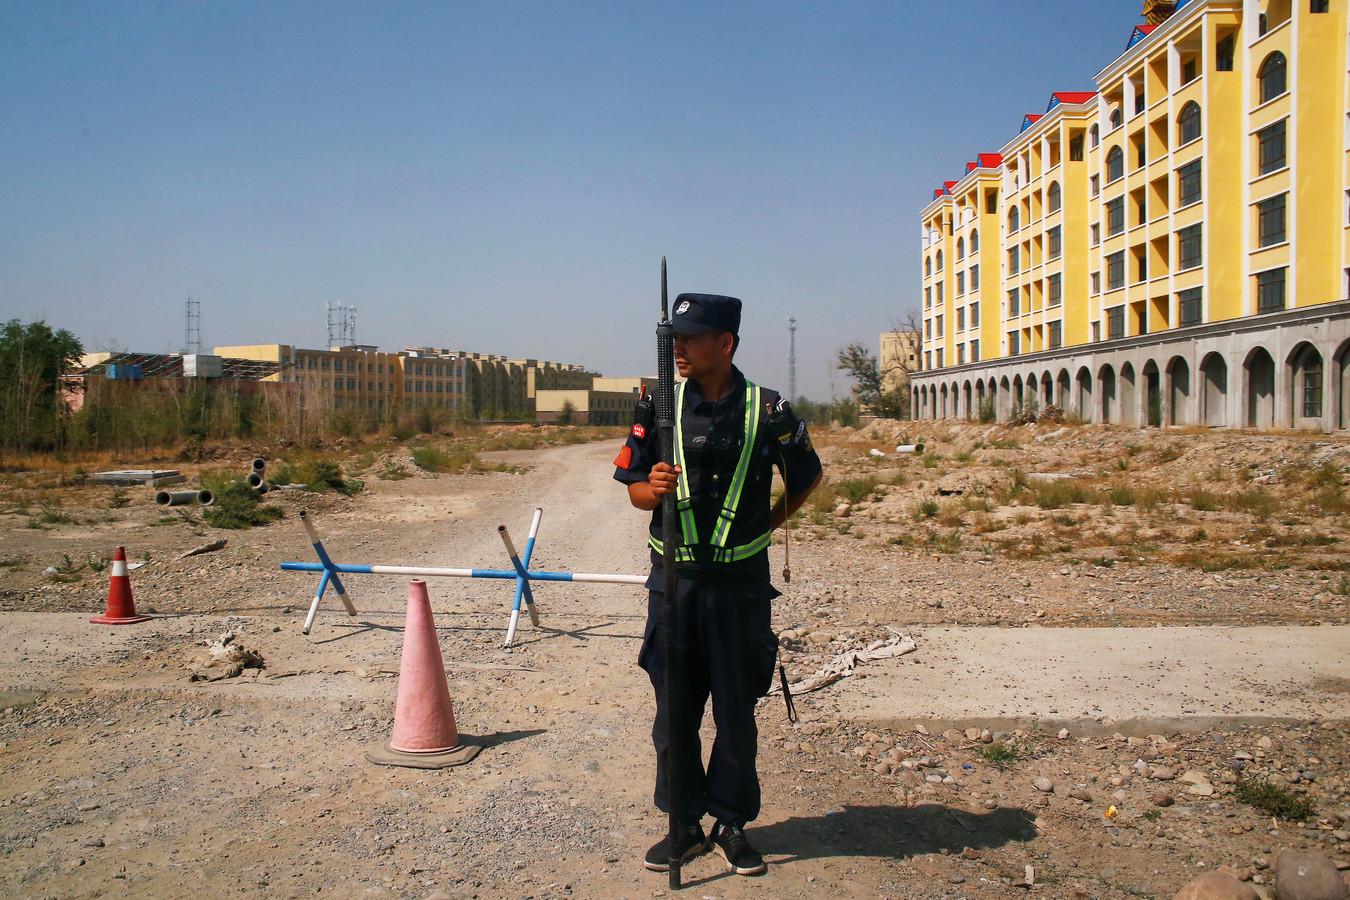 Un gardien devant un camp de rééducation dans la province du Xinjiang.